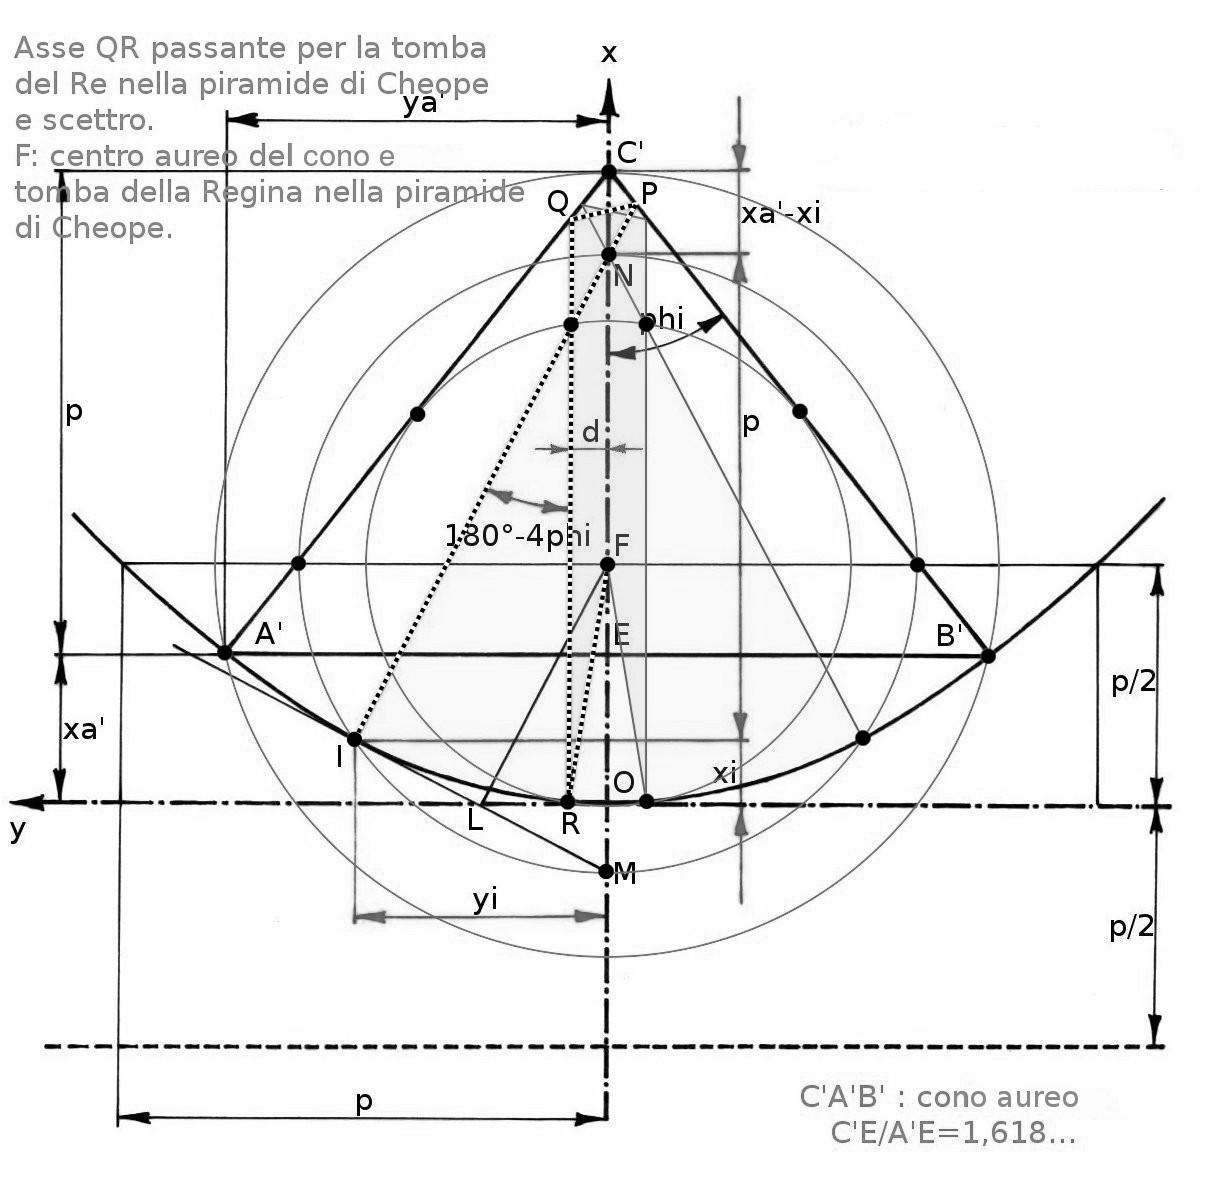 (18) Evoluzione potere del raggio regale generato nello Zed. Si genera il fascio magnetico di rotazione del raggio QR.